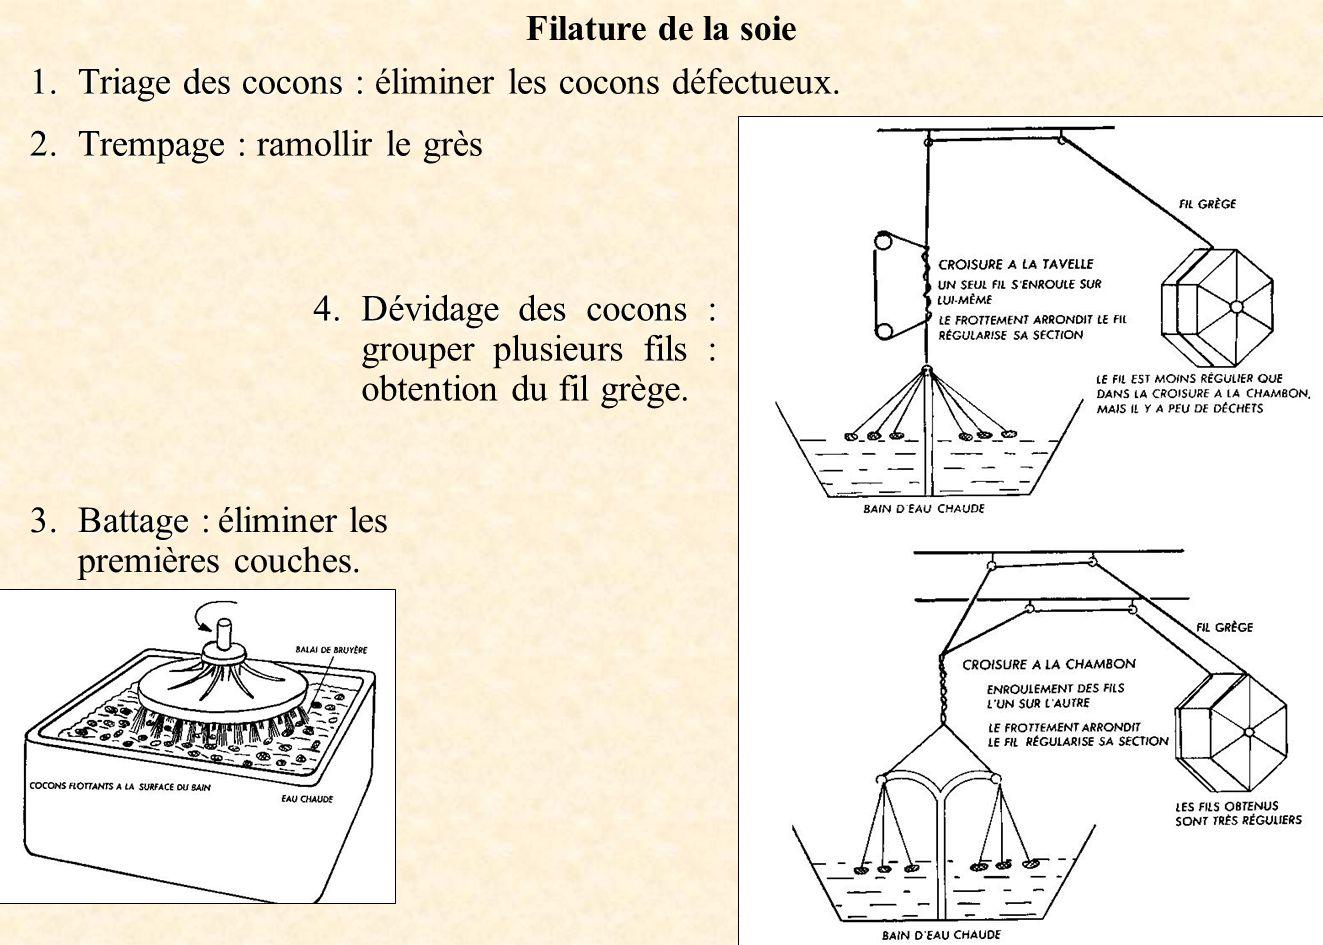 Triage des cocons : éliminer les cocons défectueux.